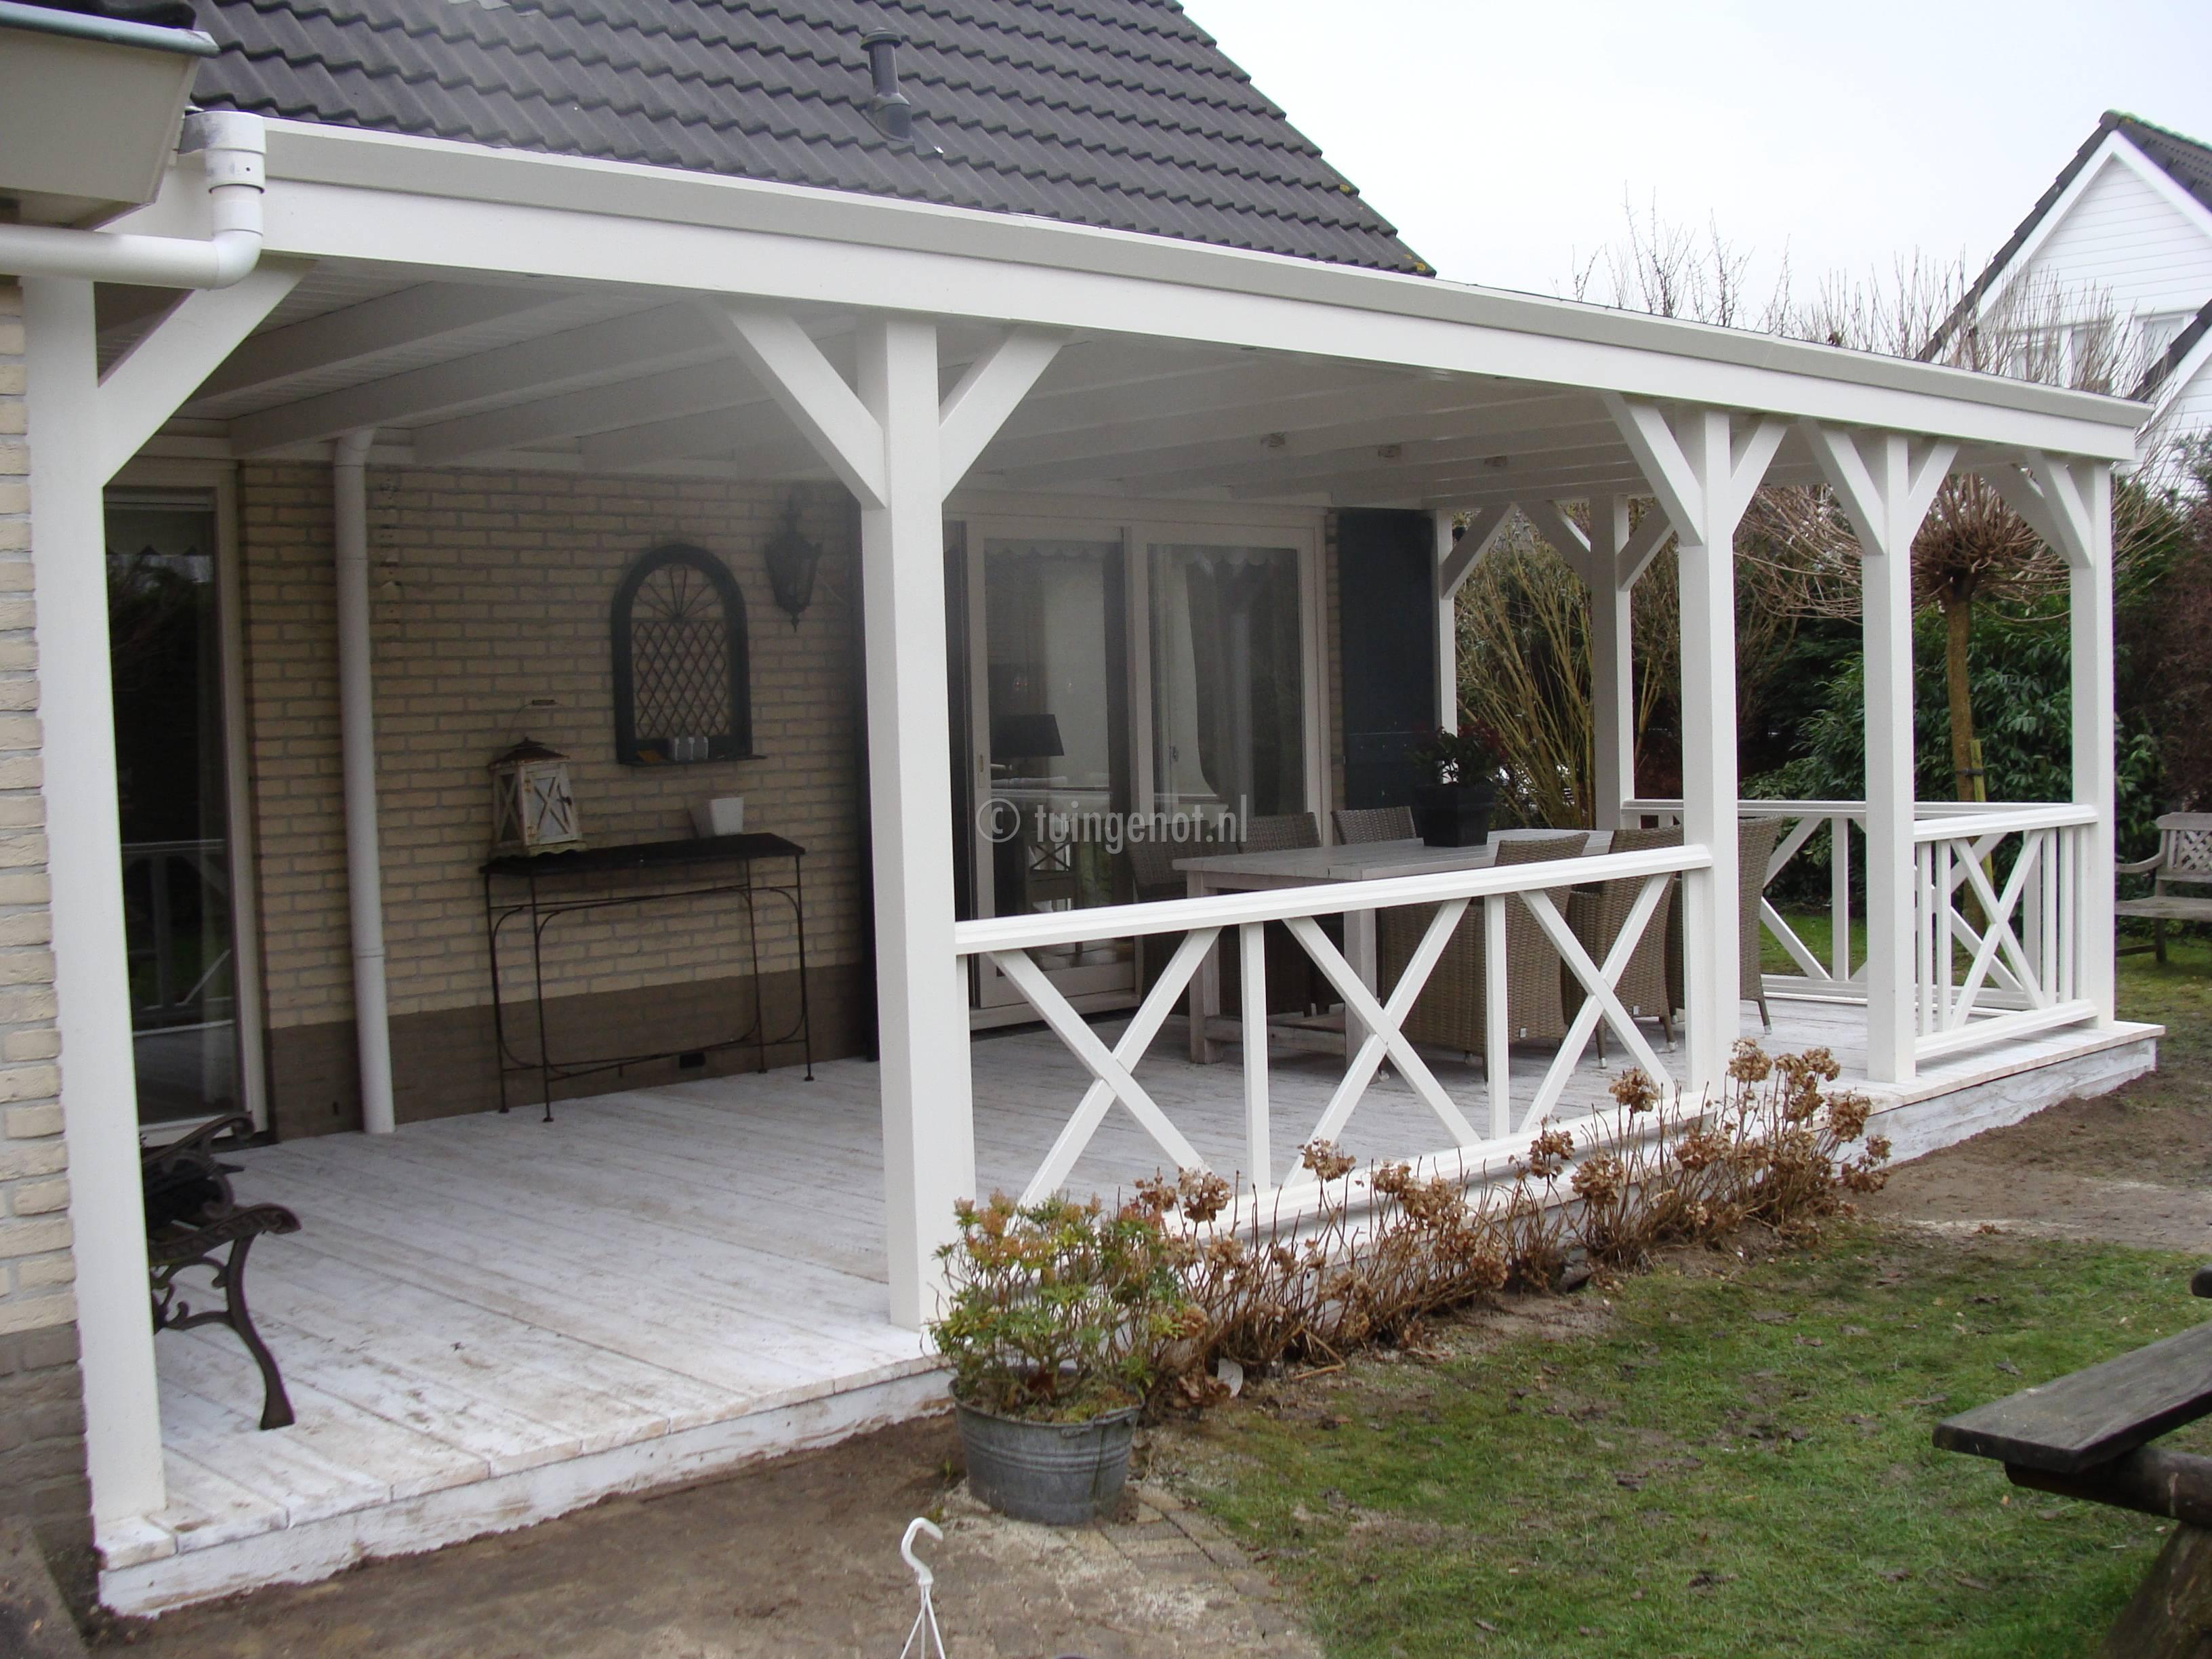 Tuingenot lariks houten veranda overkapping met epdm daksingels polycarbonaat pvc of glazen - Fotos terras ...